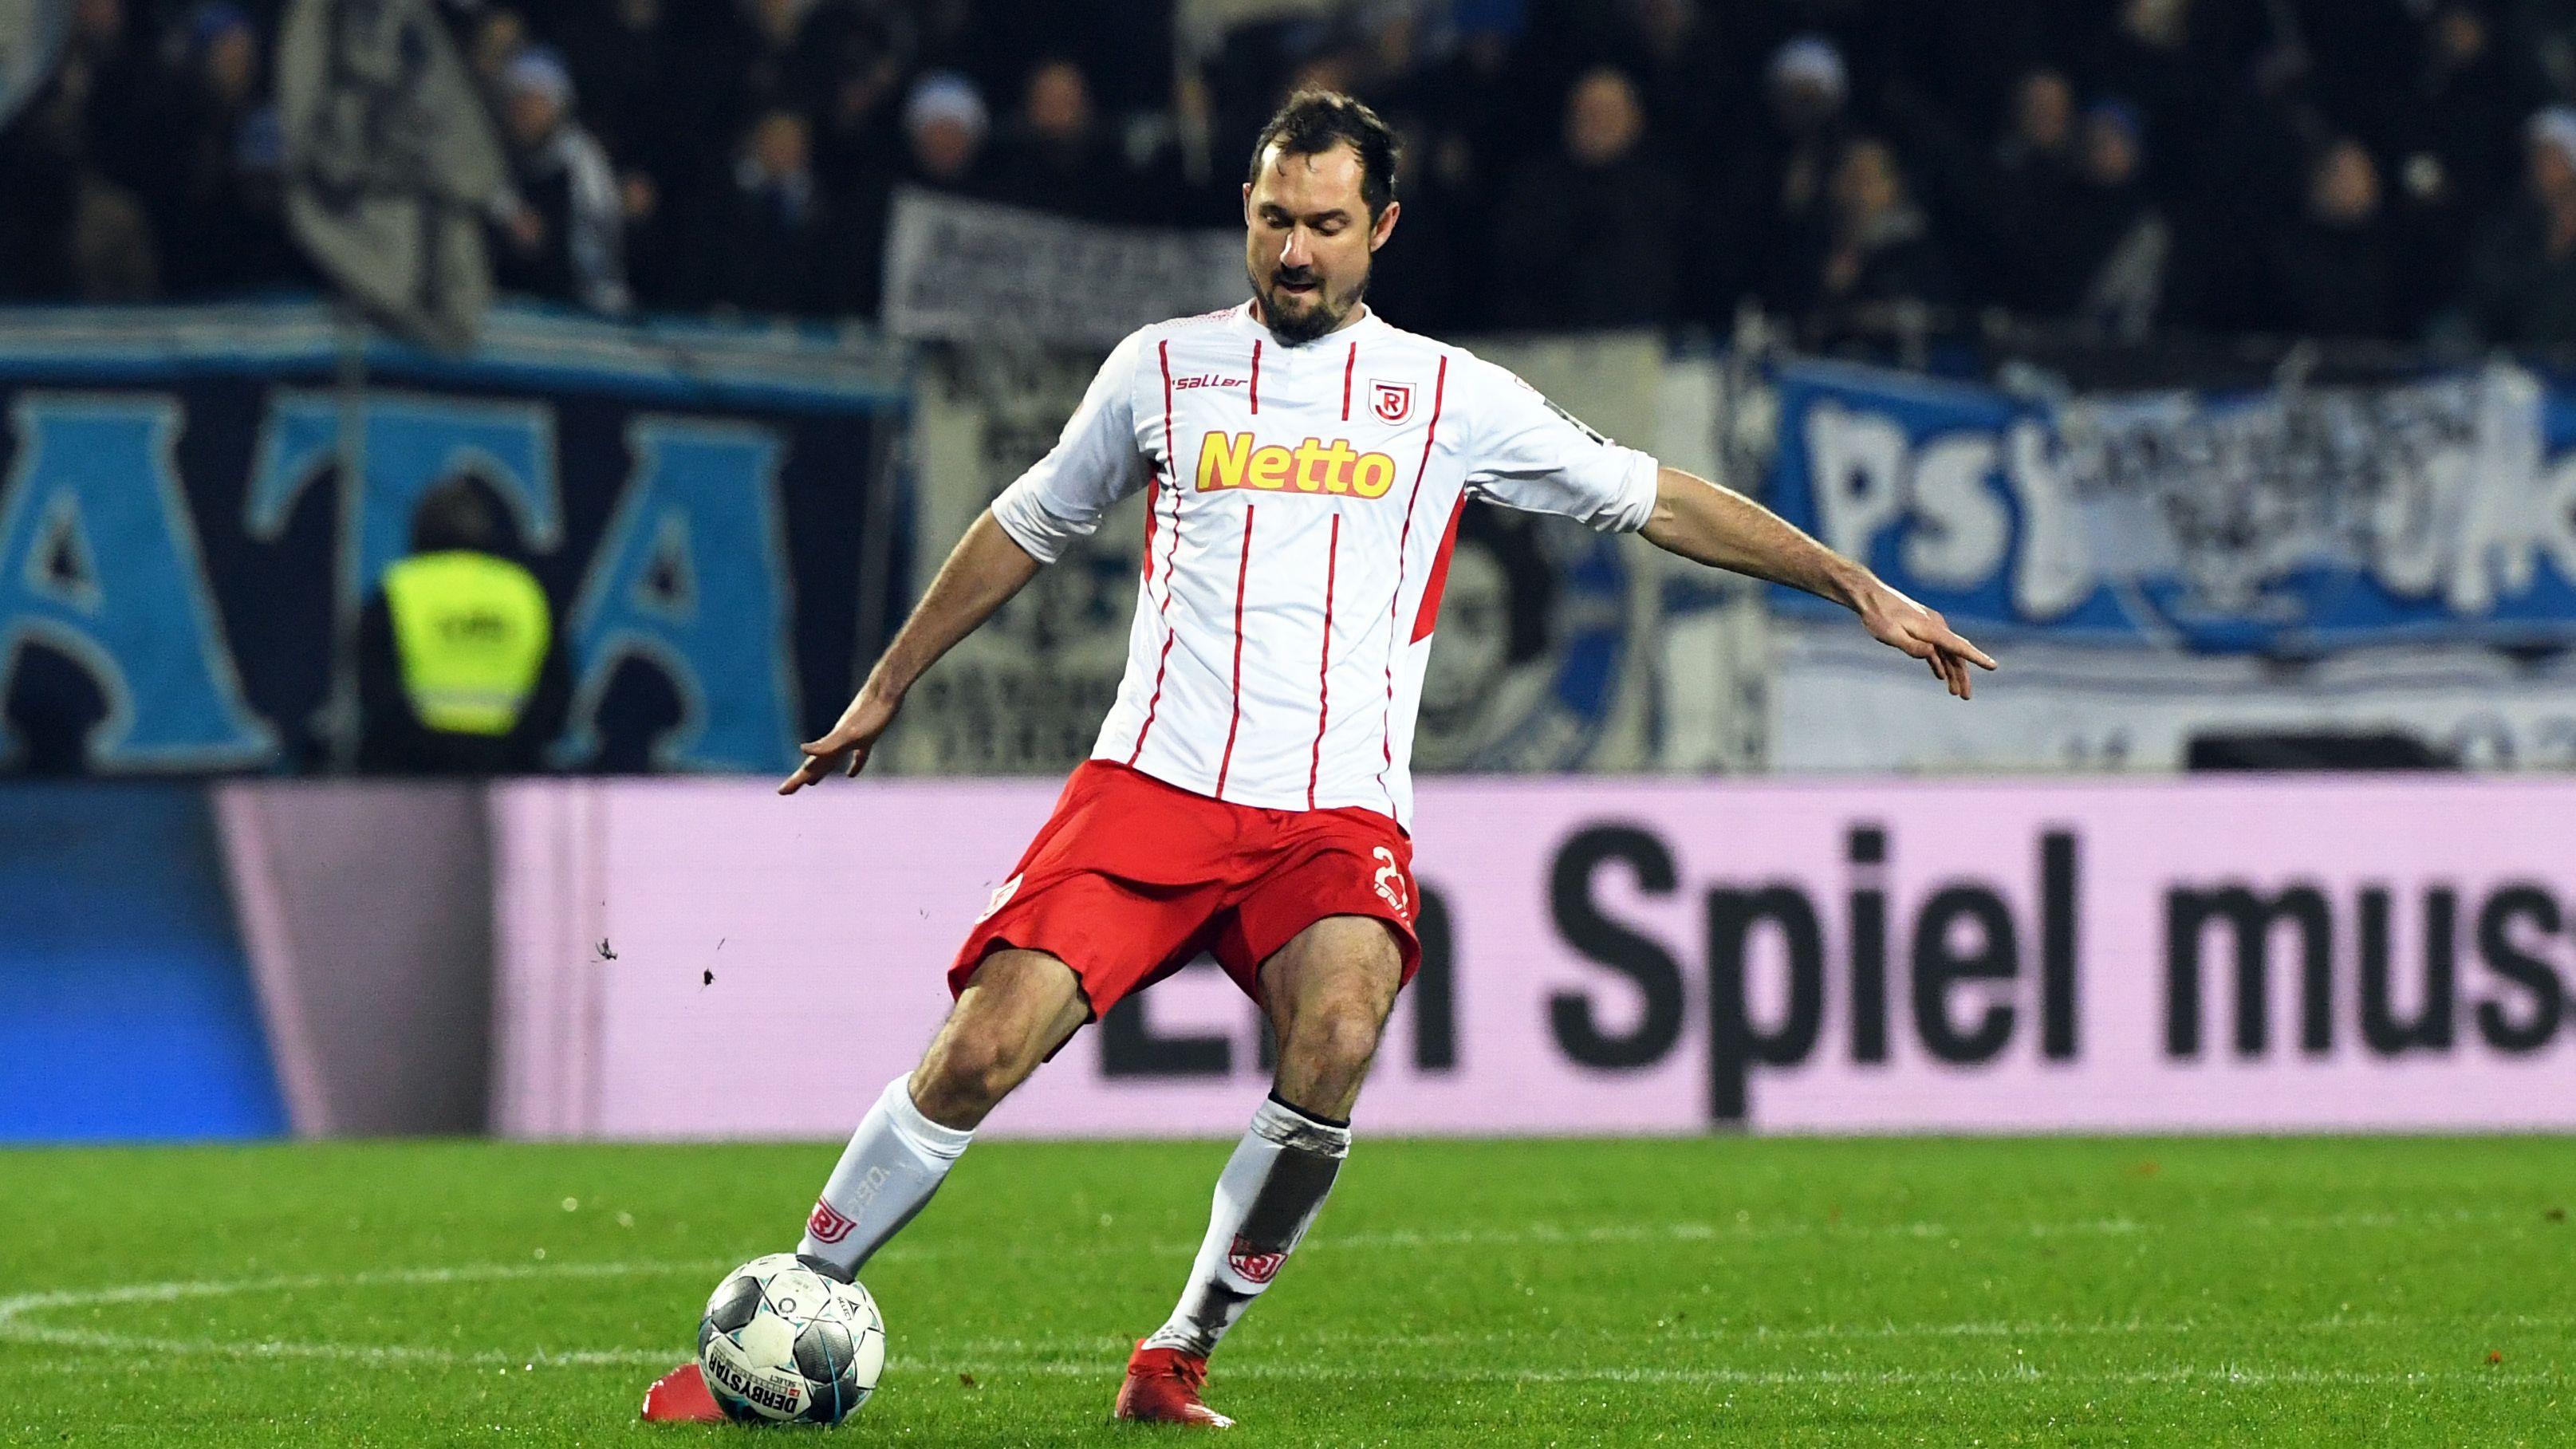 SSV Jahn-Verteidiger Sebastian Nachreiner bildet sich neben dem Profisport beruflich weiter.